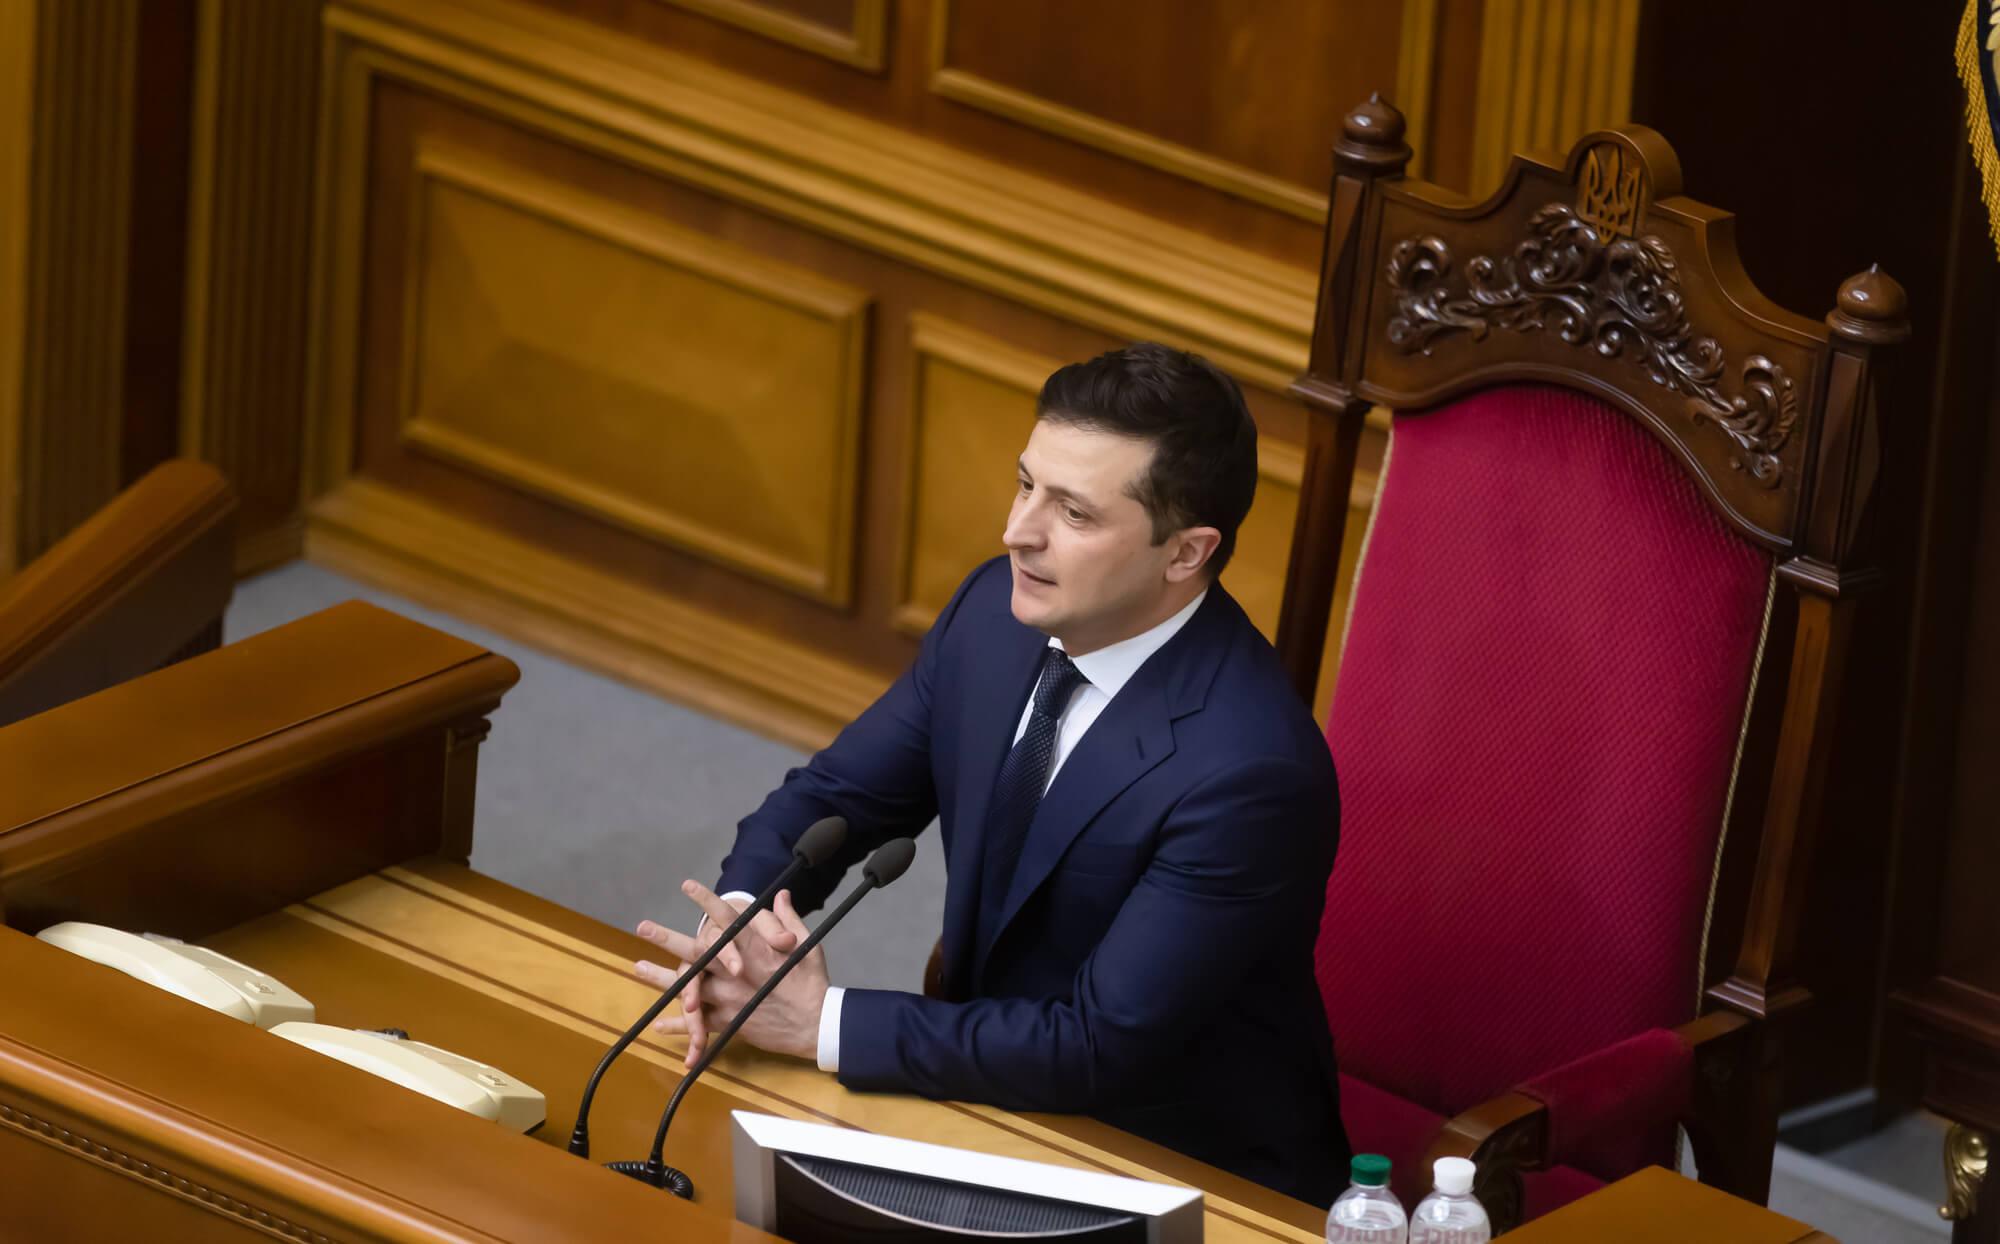 З автографом Володимира Зеленського: які реформи підтримав президент